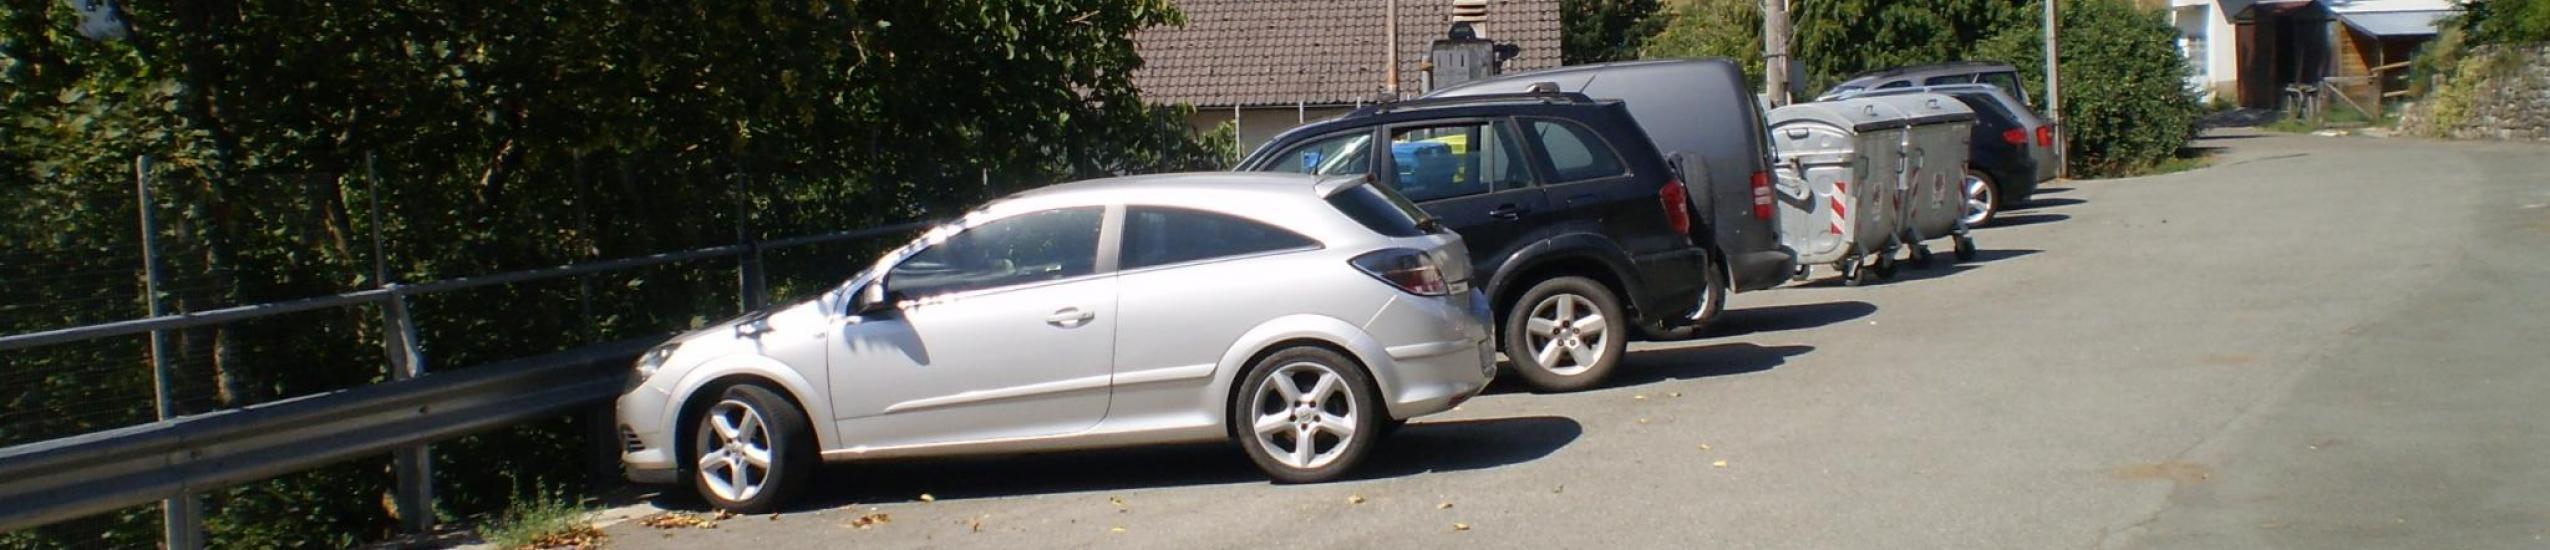 Parcheggio posto a valle